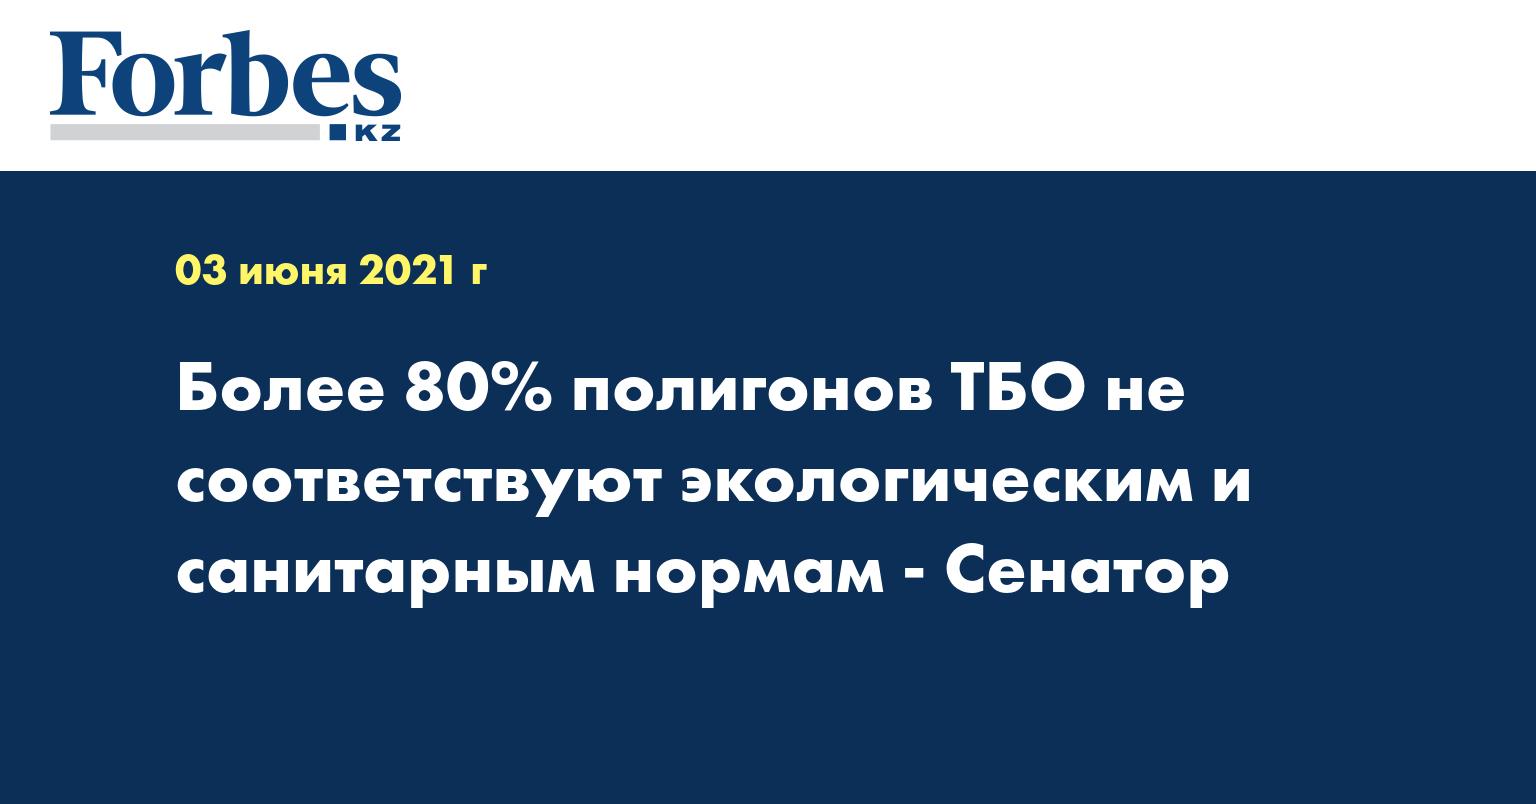 Более 80% полигонов ТБО не соответствуют экологическим и санитарным нормам - Сенатор